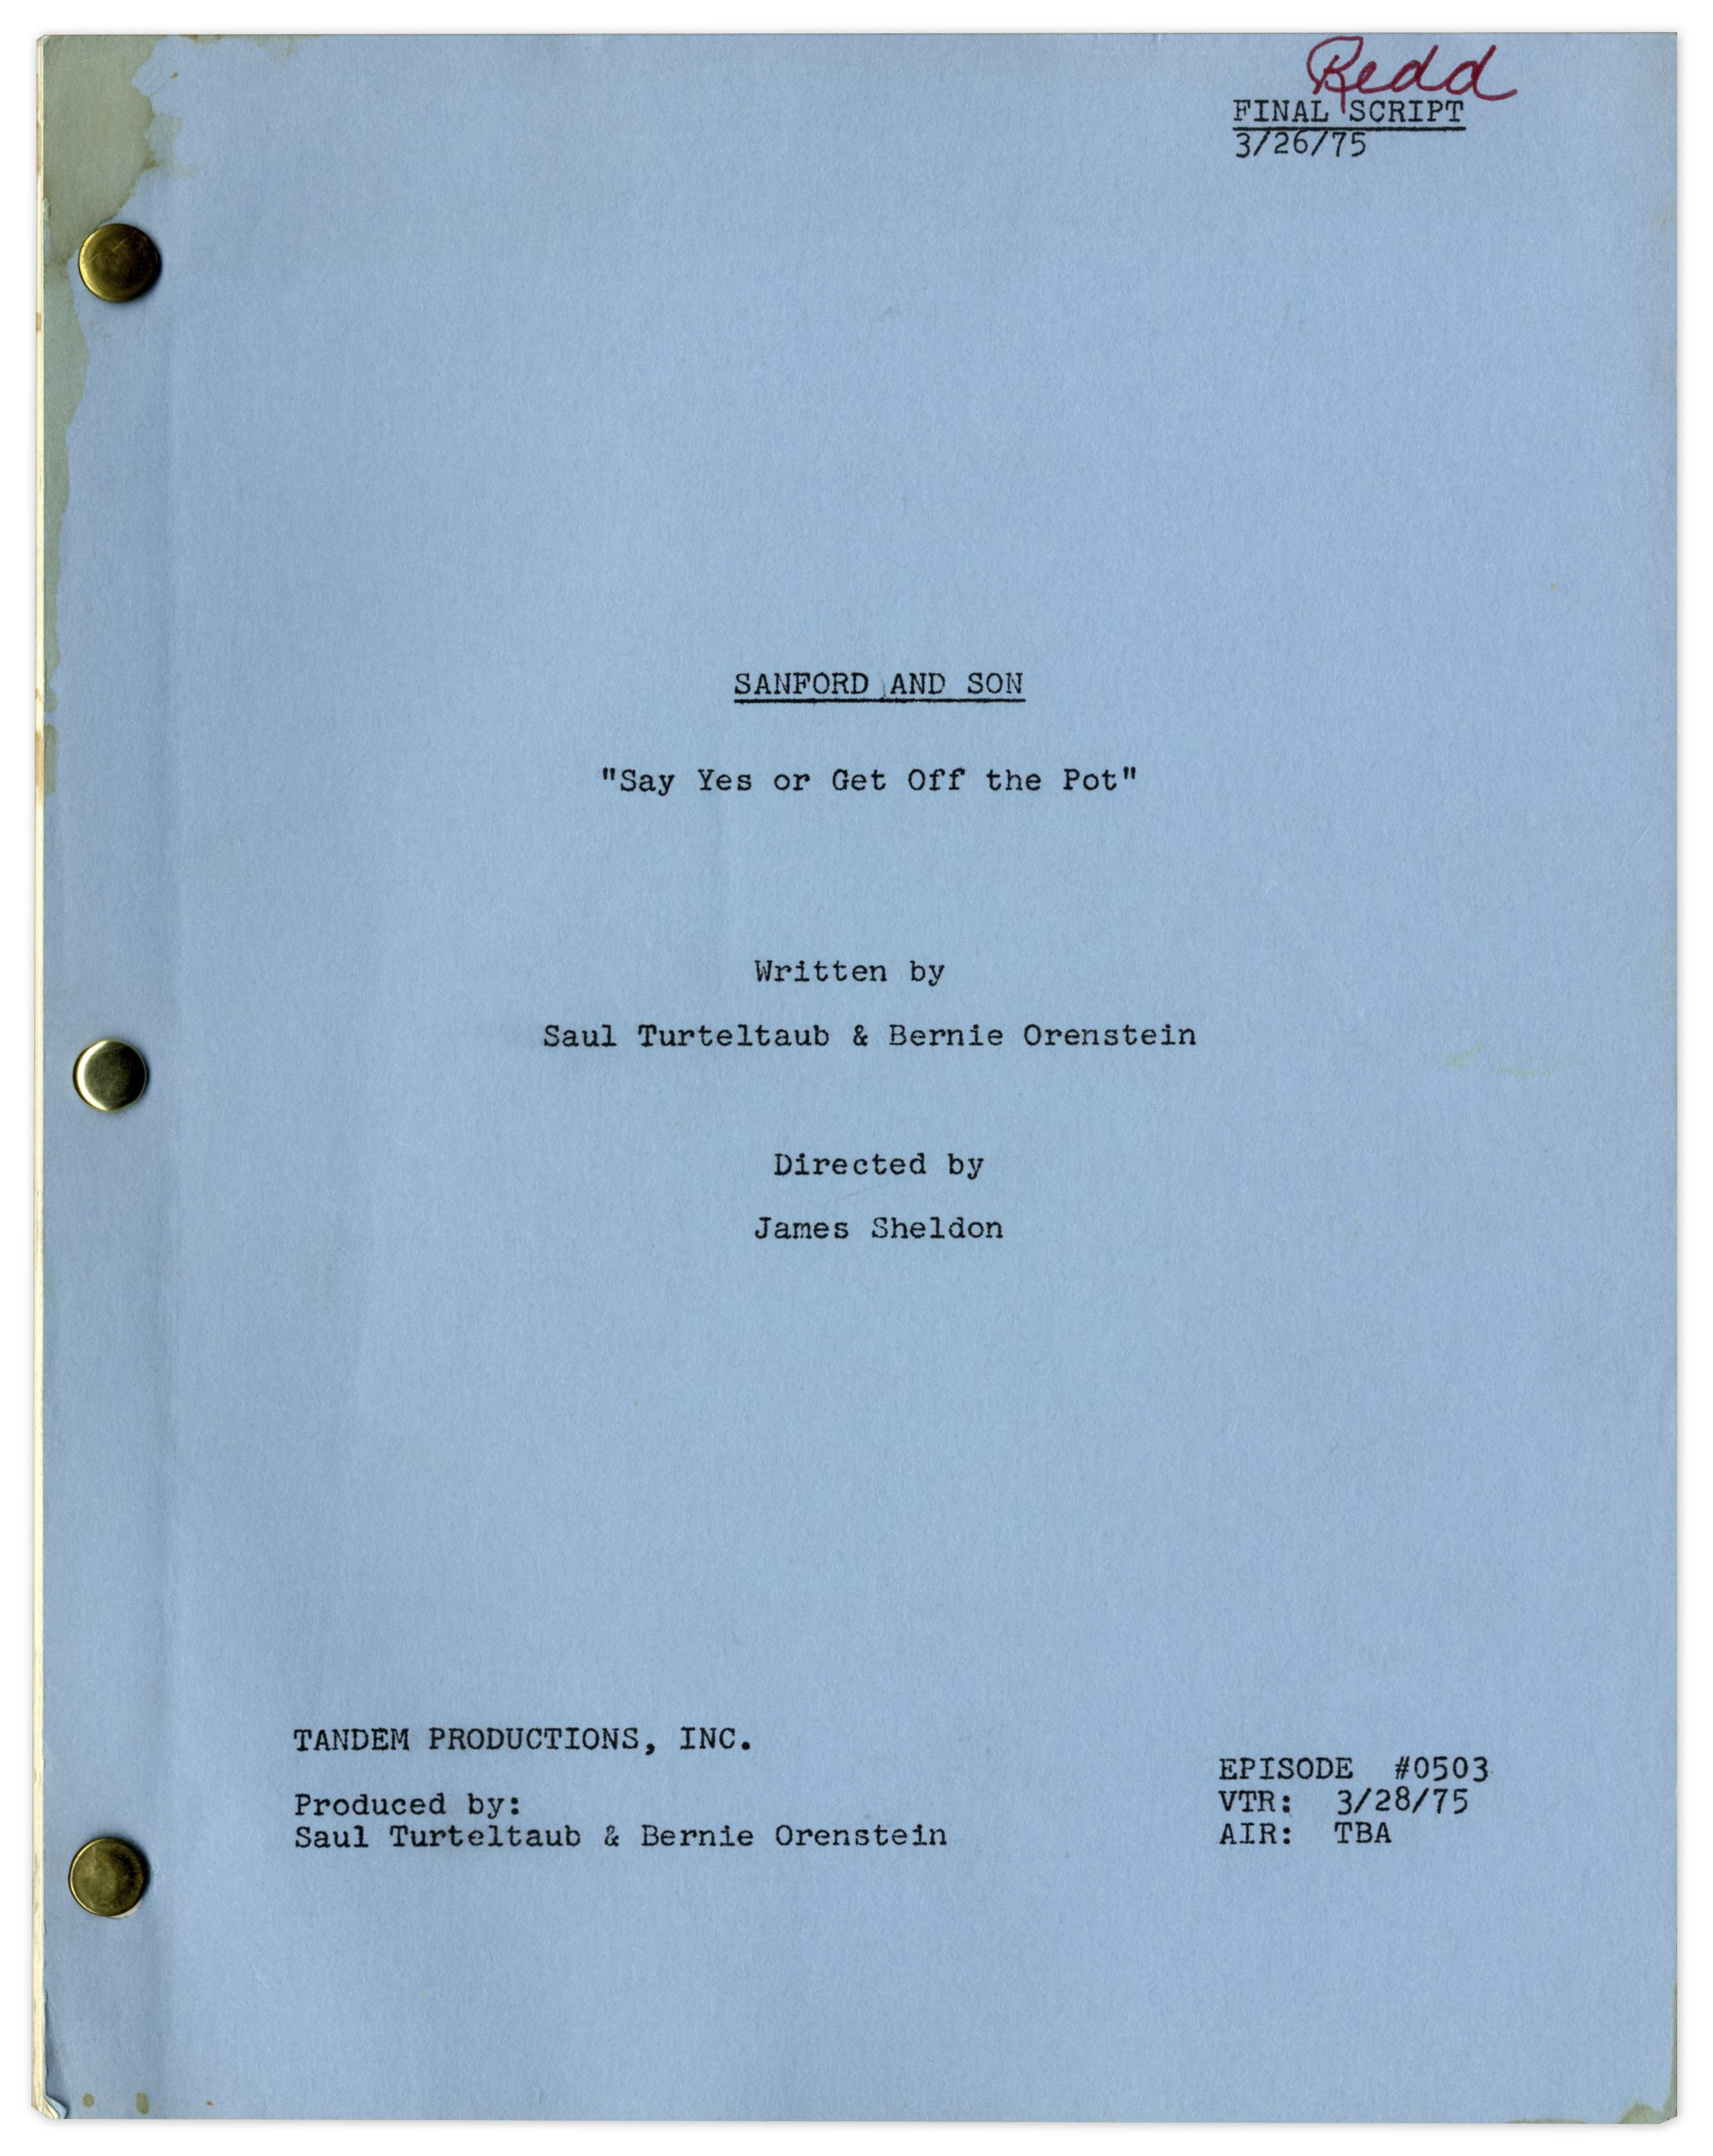 lot detail sanford son season 5 episode 8 final draft sanford son season 5 episode 8 final draft script ·